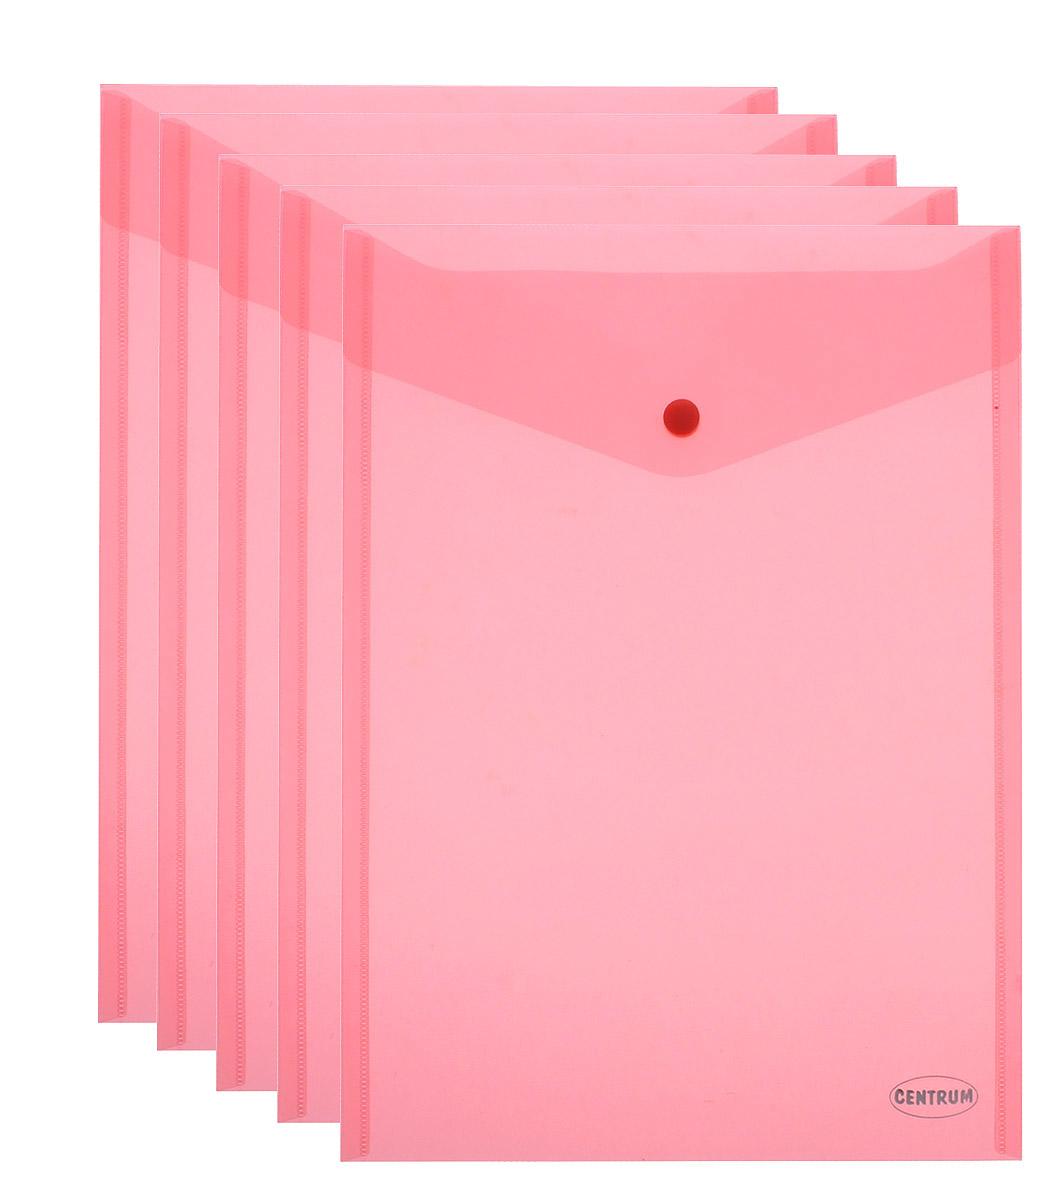 Centrum Папка-конверт на кнопке цвет коралловый формат А4 5 шт80046Папка-конверт на кнопке Centrum - это удобный и функциональный офисный инструмент, предназначенный для хранения и транспортировки рабочих бумаг и документов формата А4. Папка изготовлена из полупрозрачного пластика, закрывается клапаном на кнопке. Вместимость папки - 250 листов. В комплект входят 5 папок разных цветов формата A4. Папка-конверт - это незаменимый атрибут для студента, школьника, офисного работника. Такая папка надежно сохранит ваши документы и сбережет их от повреждений, пыли и влаги.